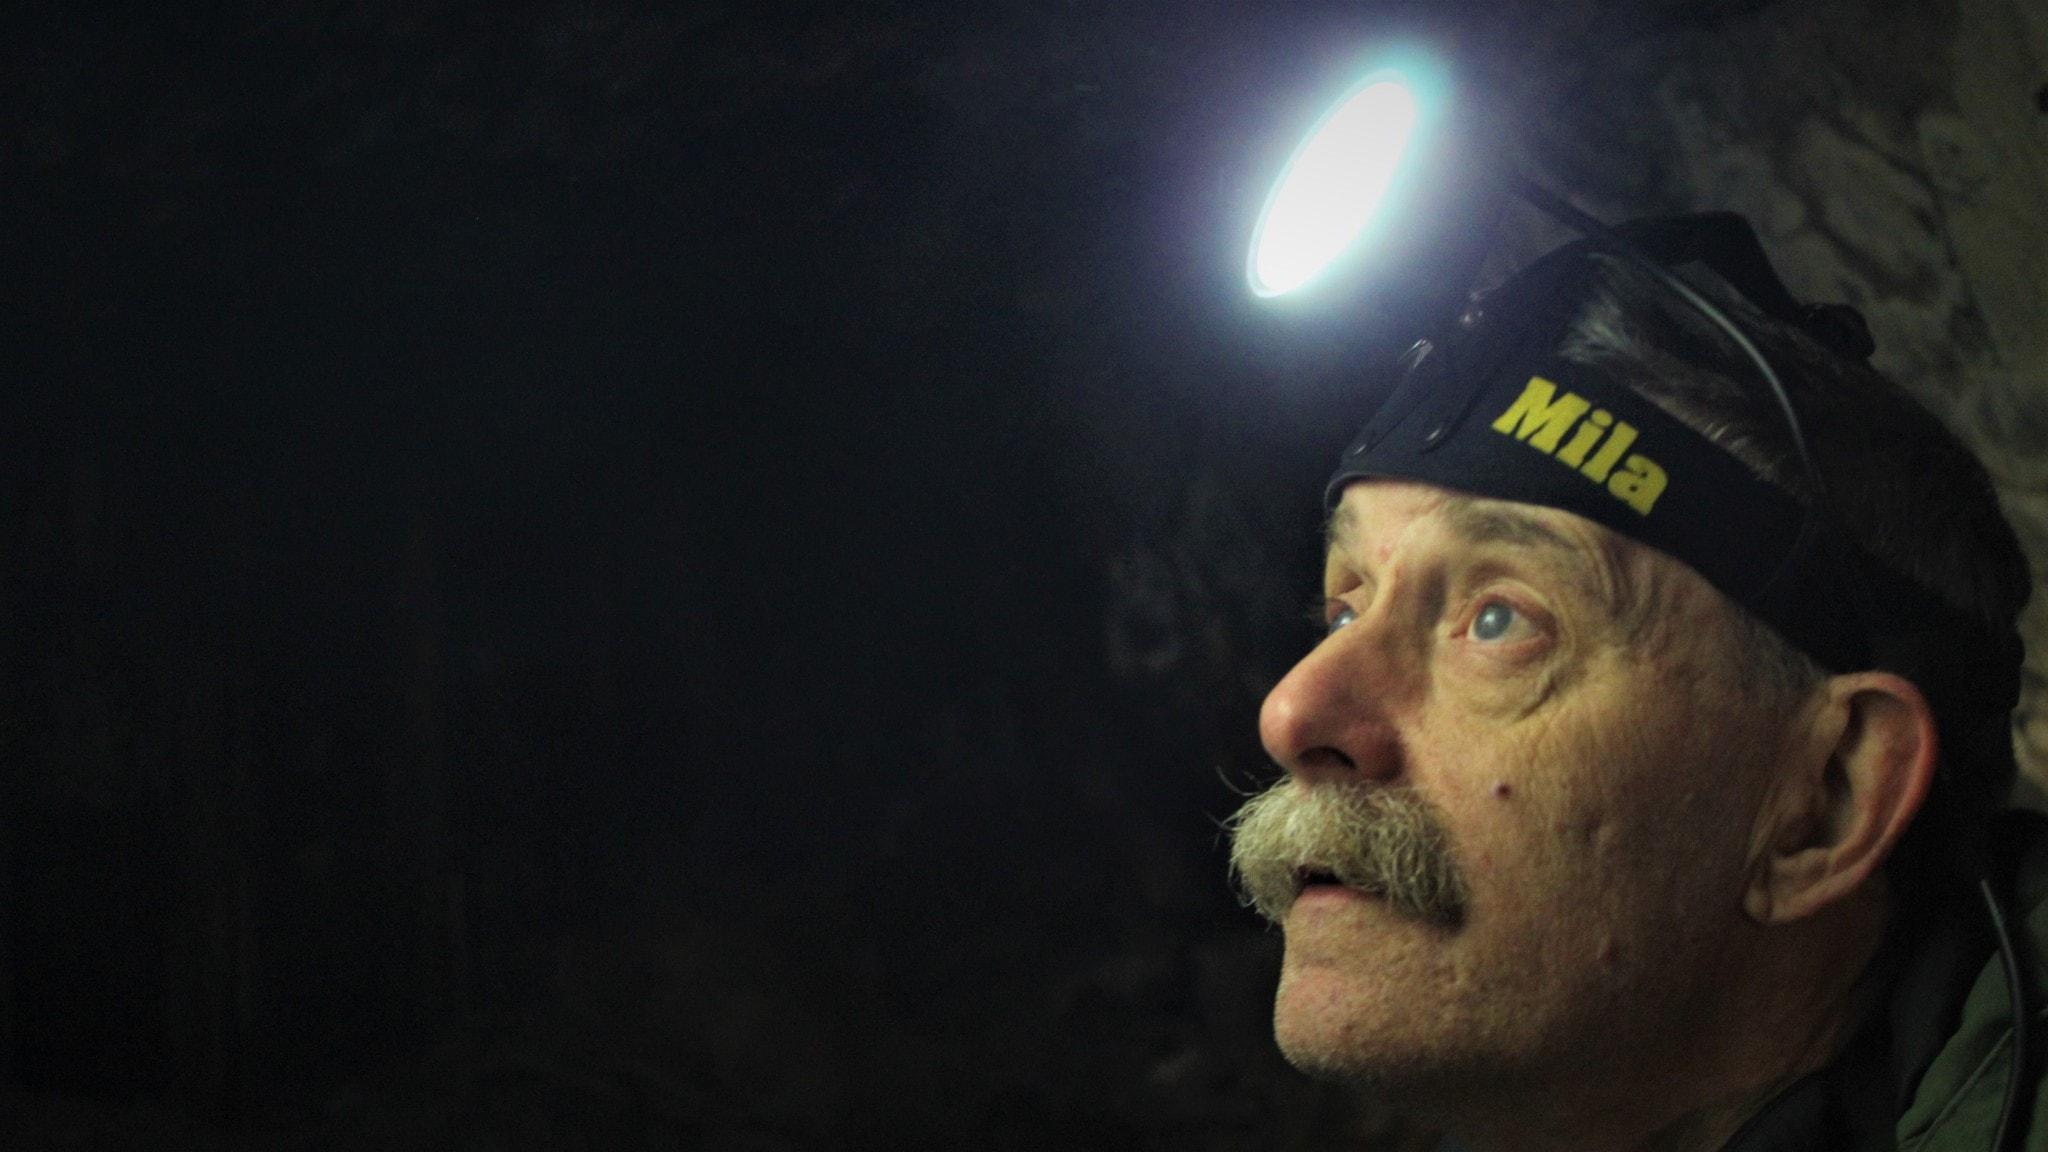 Johnny de Jong, fladdermusforskare, i grotta med pannlampa.